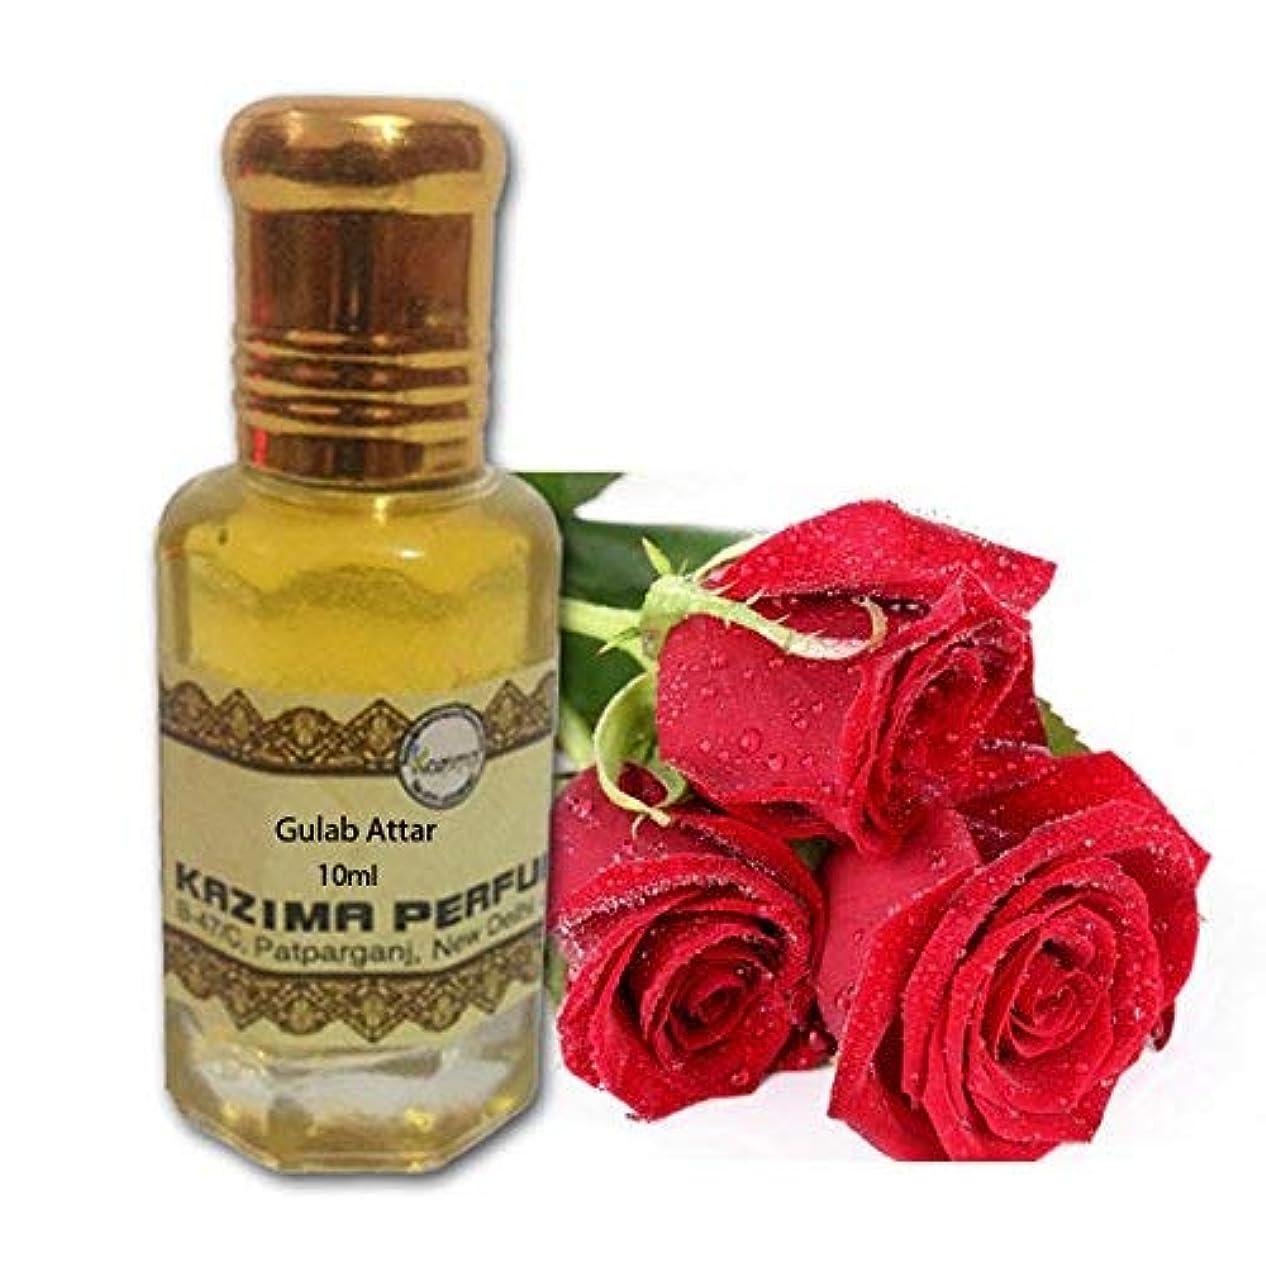 過半数優先権珍味ユニセックスのためにGULABアター香水 - ピュアナチュラル希釈していない(ノンアルコール)(10ミリリットル) アターITRA最高品質の香水はアターを持続長いスプレー